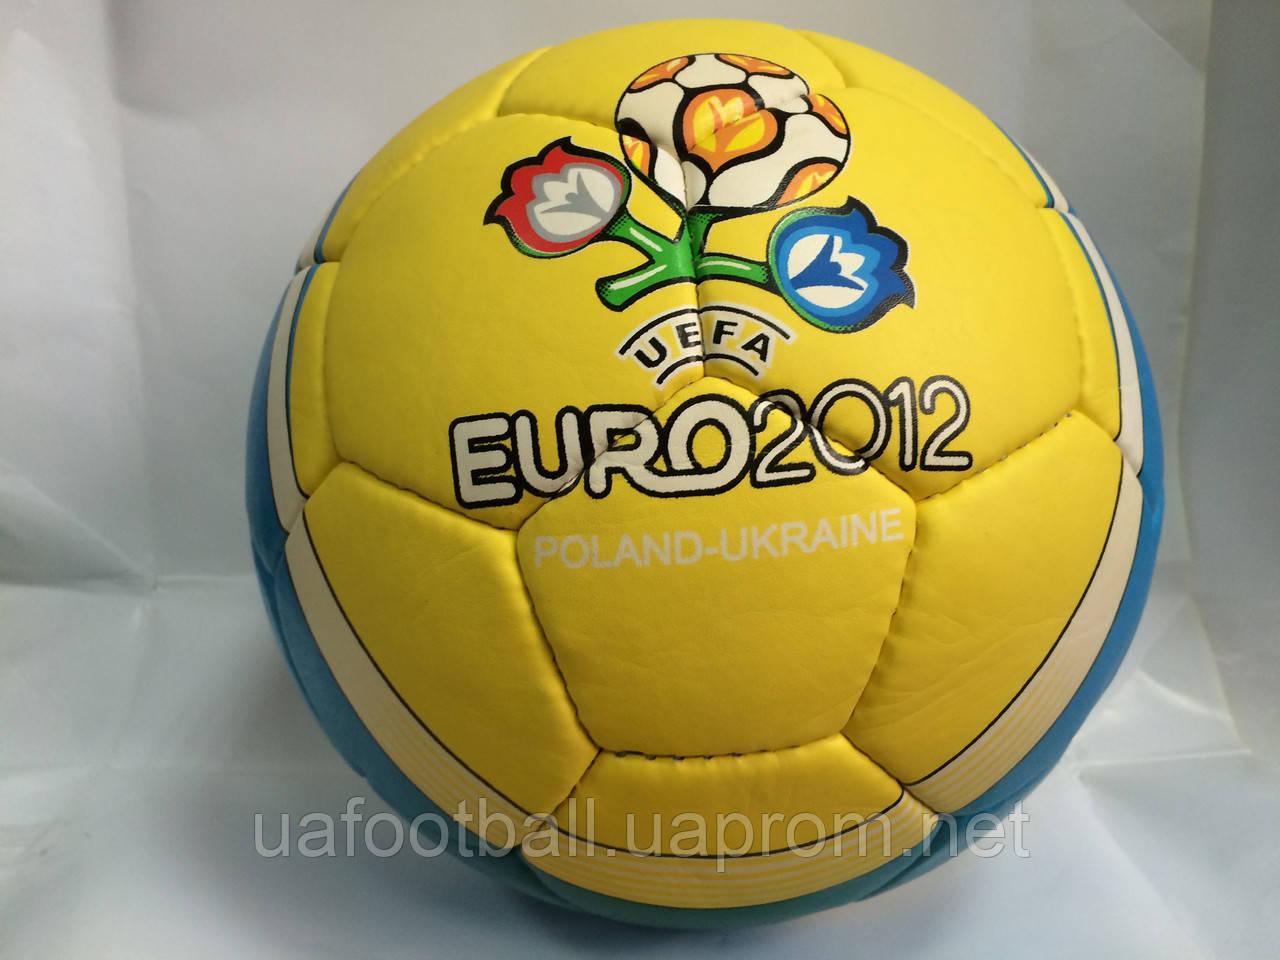 Мяч Футбольный Euro 2012 желтый-синий - SportsCity в Житомире 0afa04547bf22